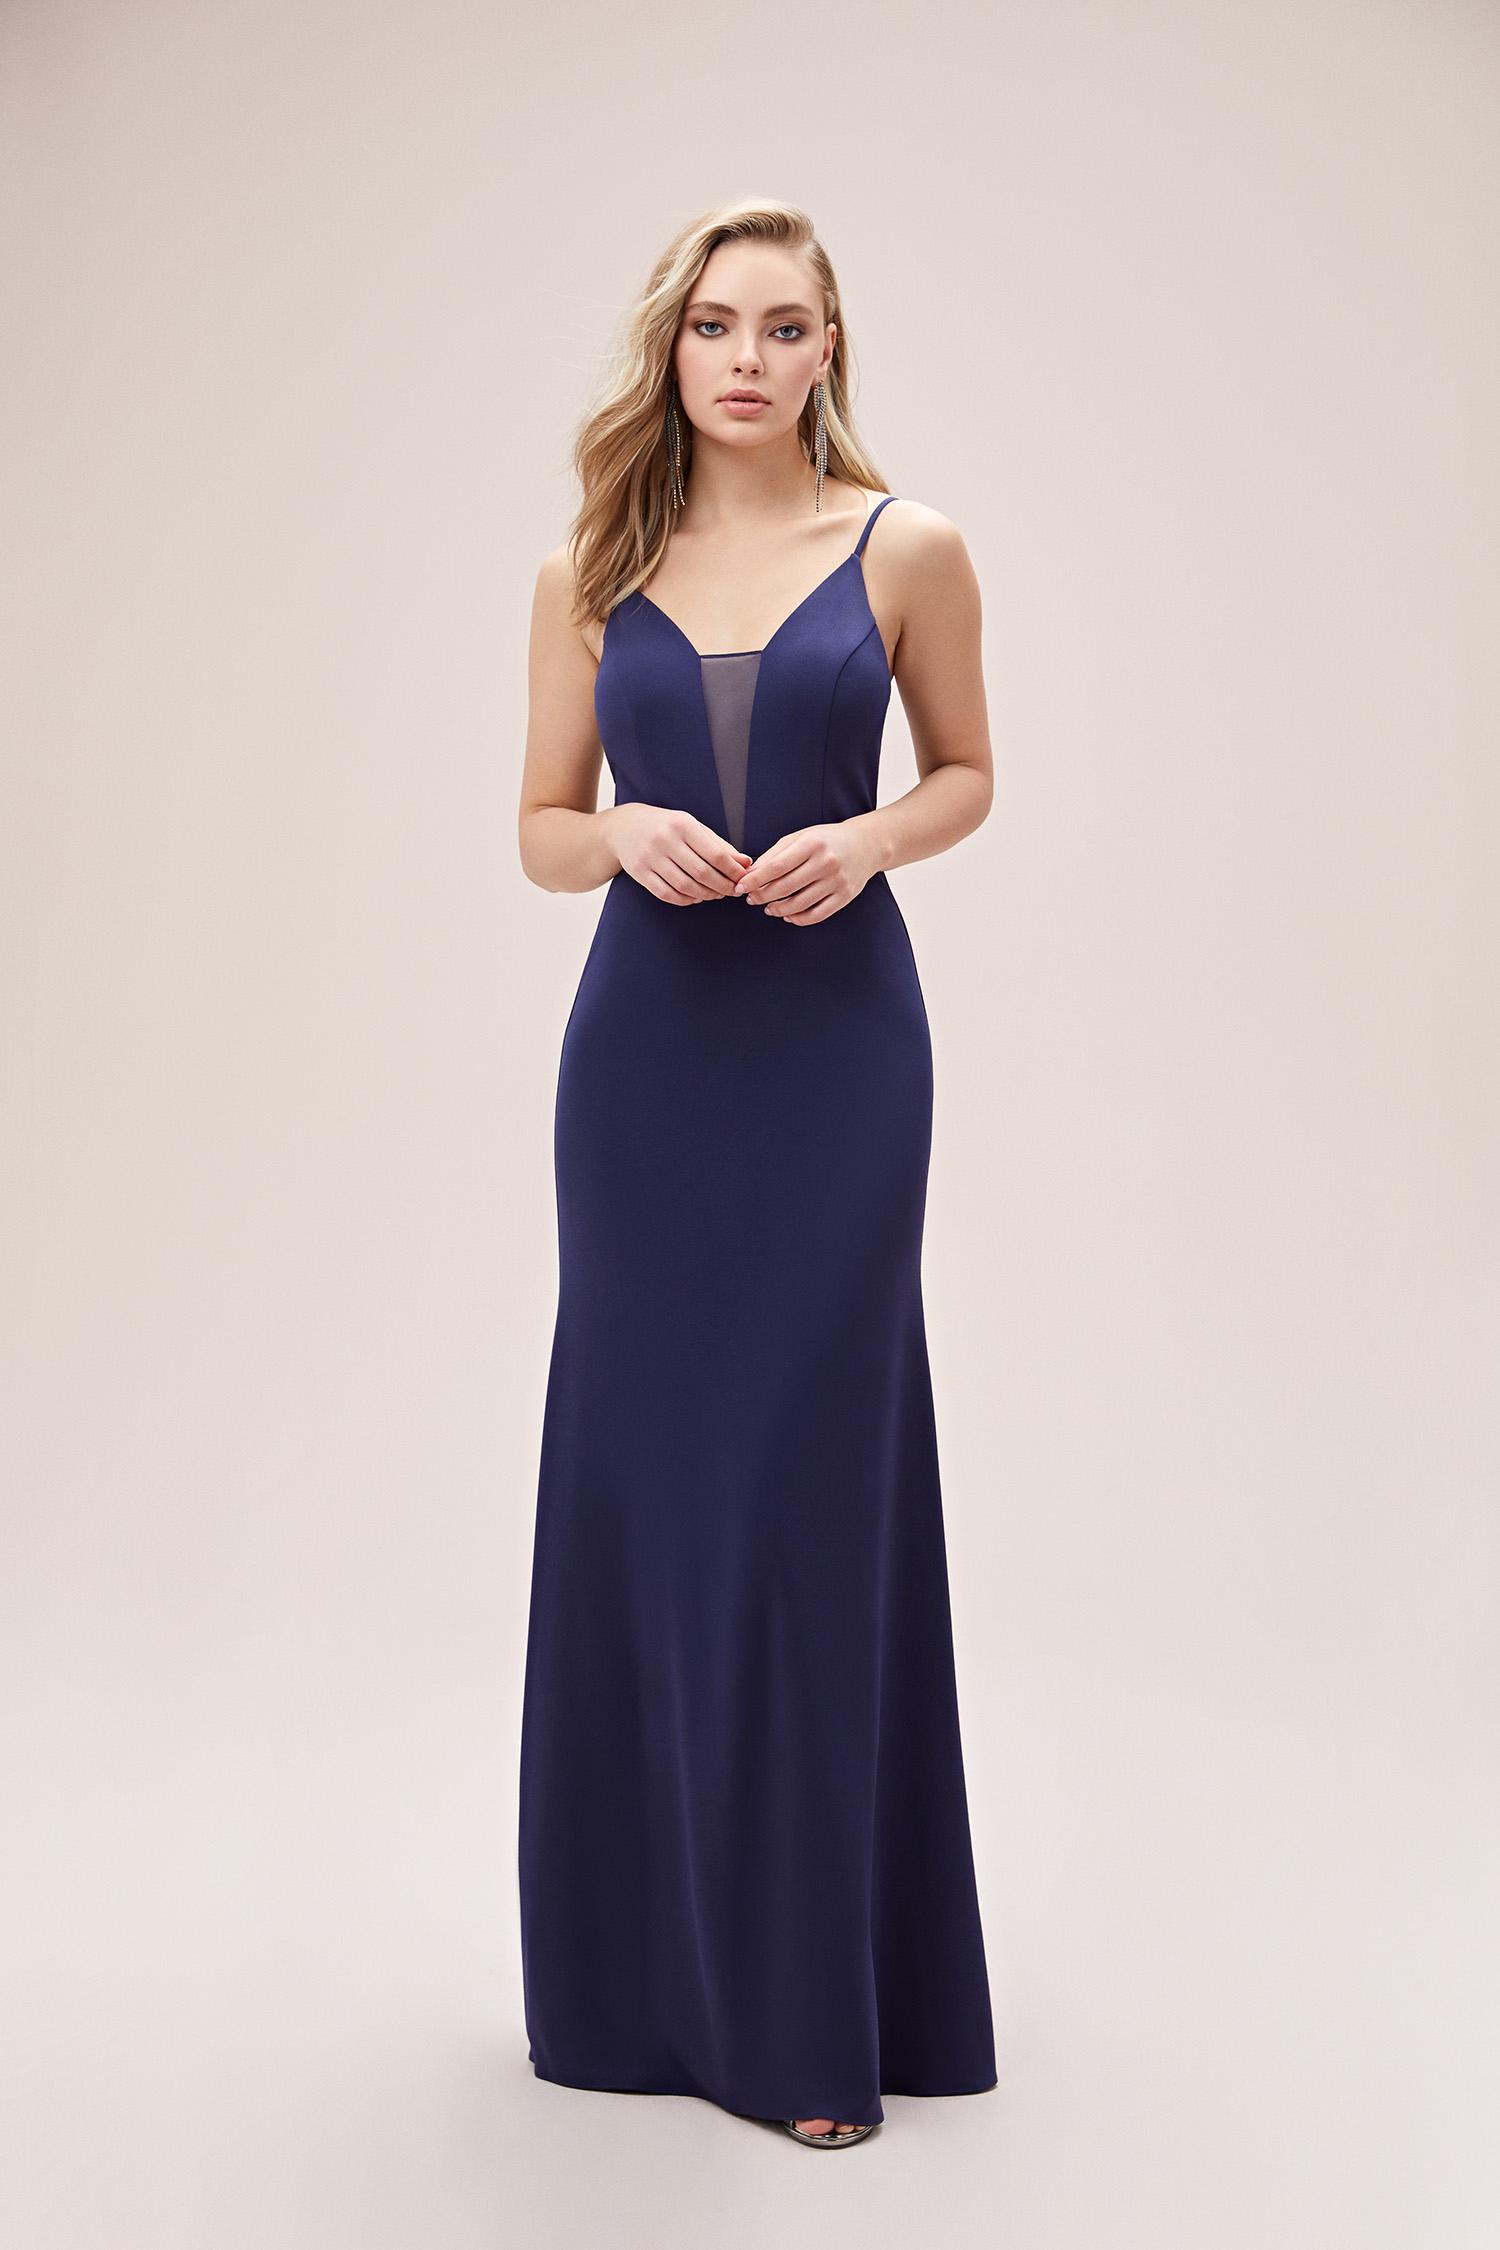 Gece Mavisi İp Askılı Dar Uzun Abiye Elbise - Thumbnail